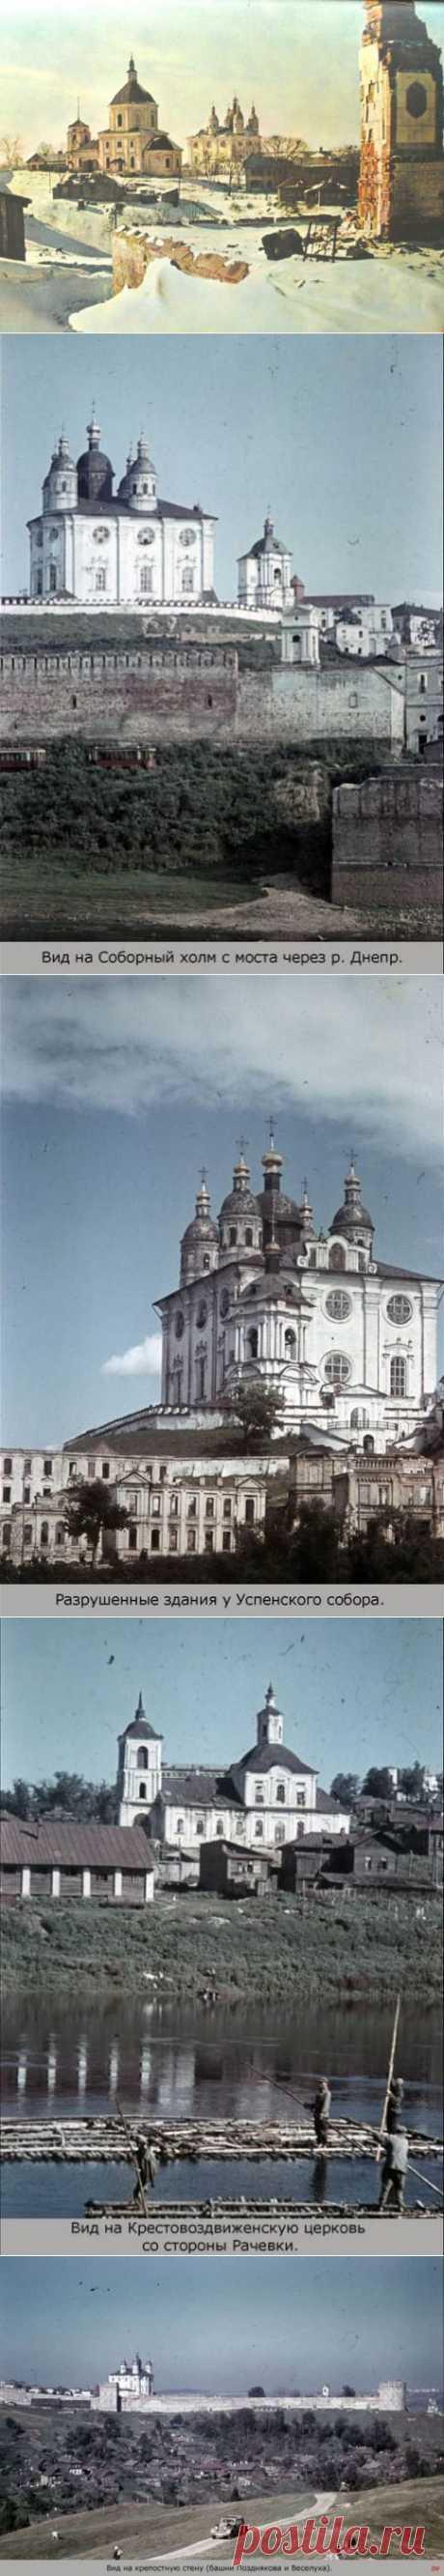 Оккупированный Смоленск / Назад в СССР / Back in USSR